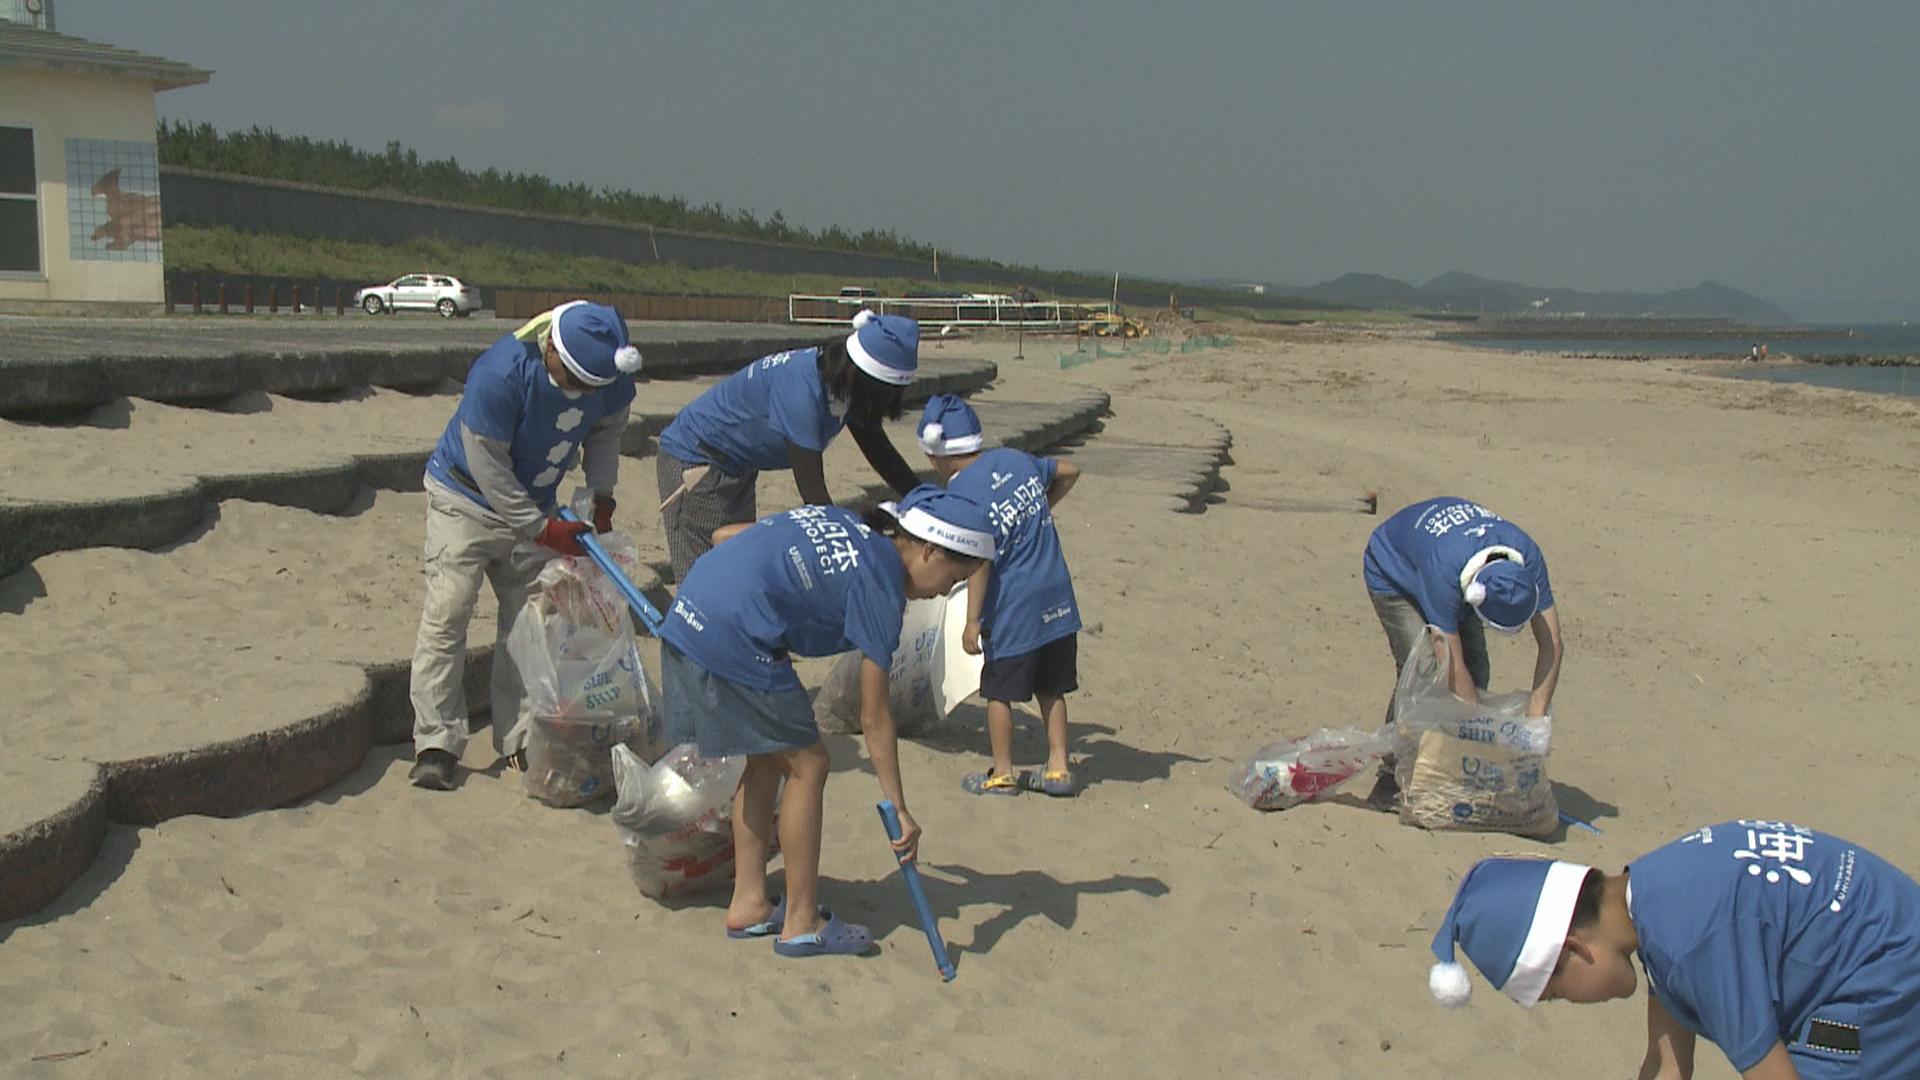 【海ごみゼロウィーク】とっとり海ごみ清掃ウォークラリー 参加者大募集! | 海と日本PROJECT in とっとり